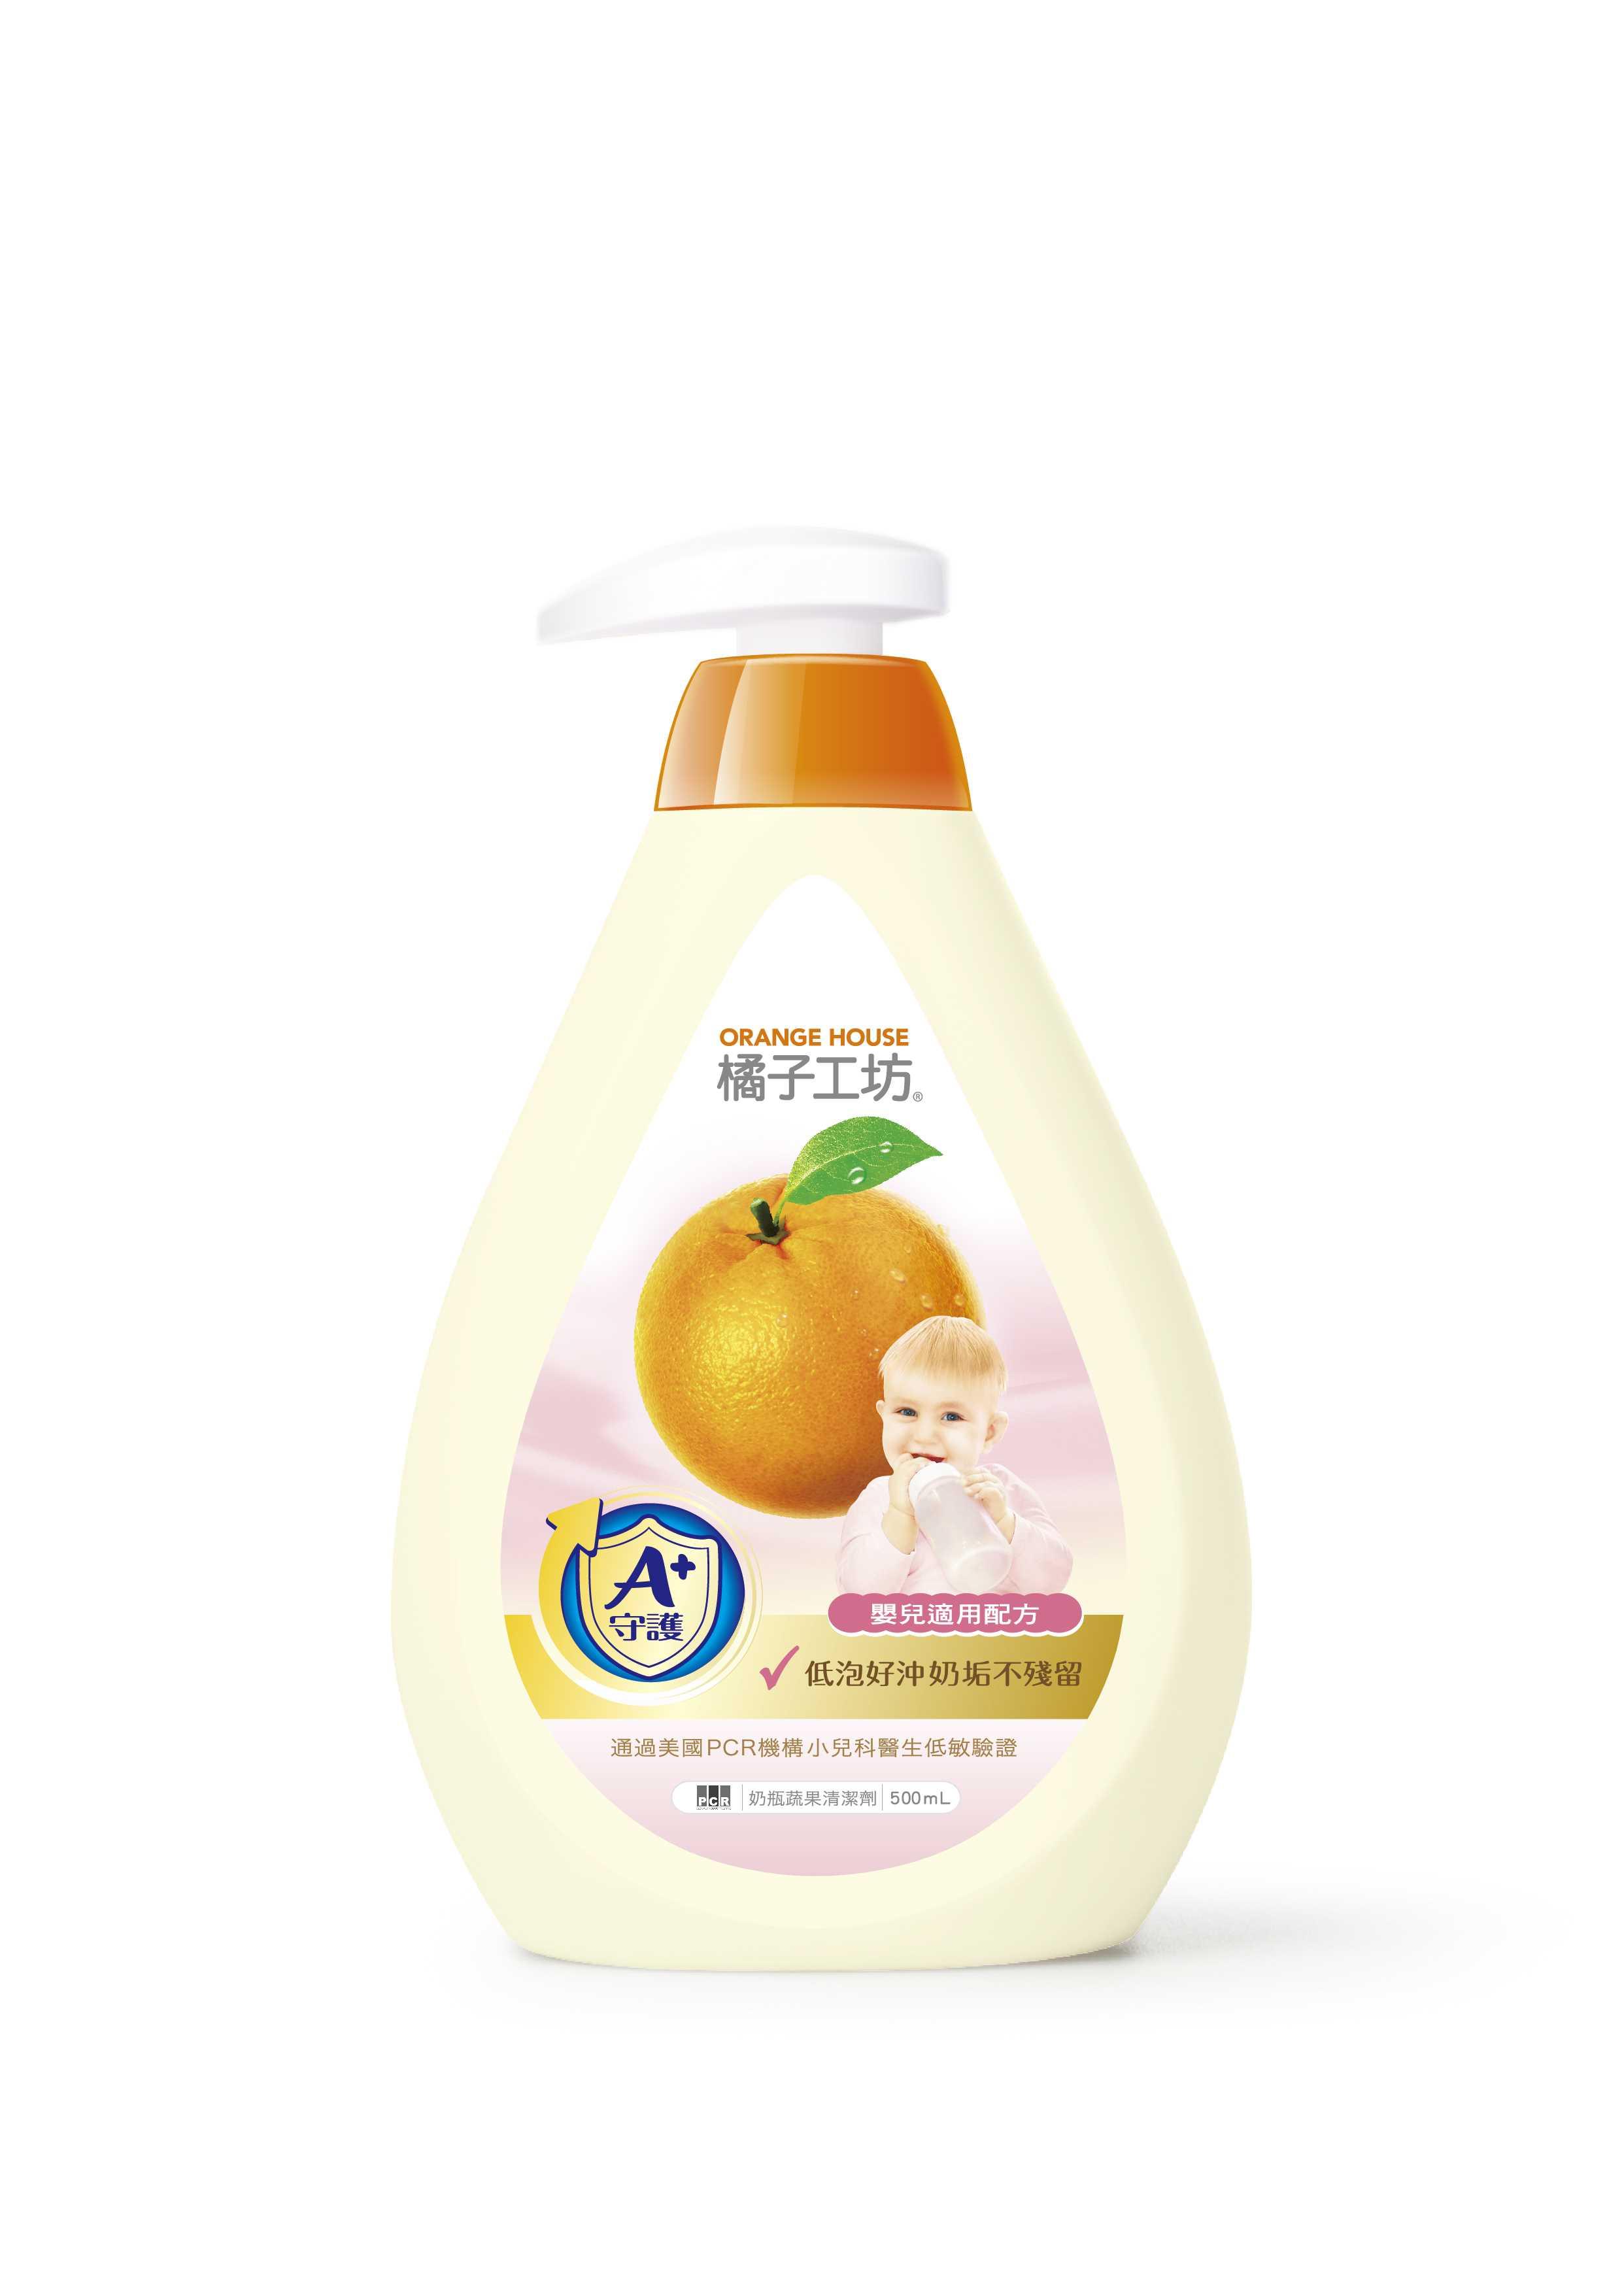 橘子工坊家用清洁类奶瓶蔬果清洁剂500ml